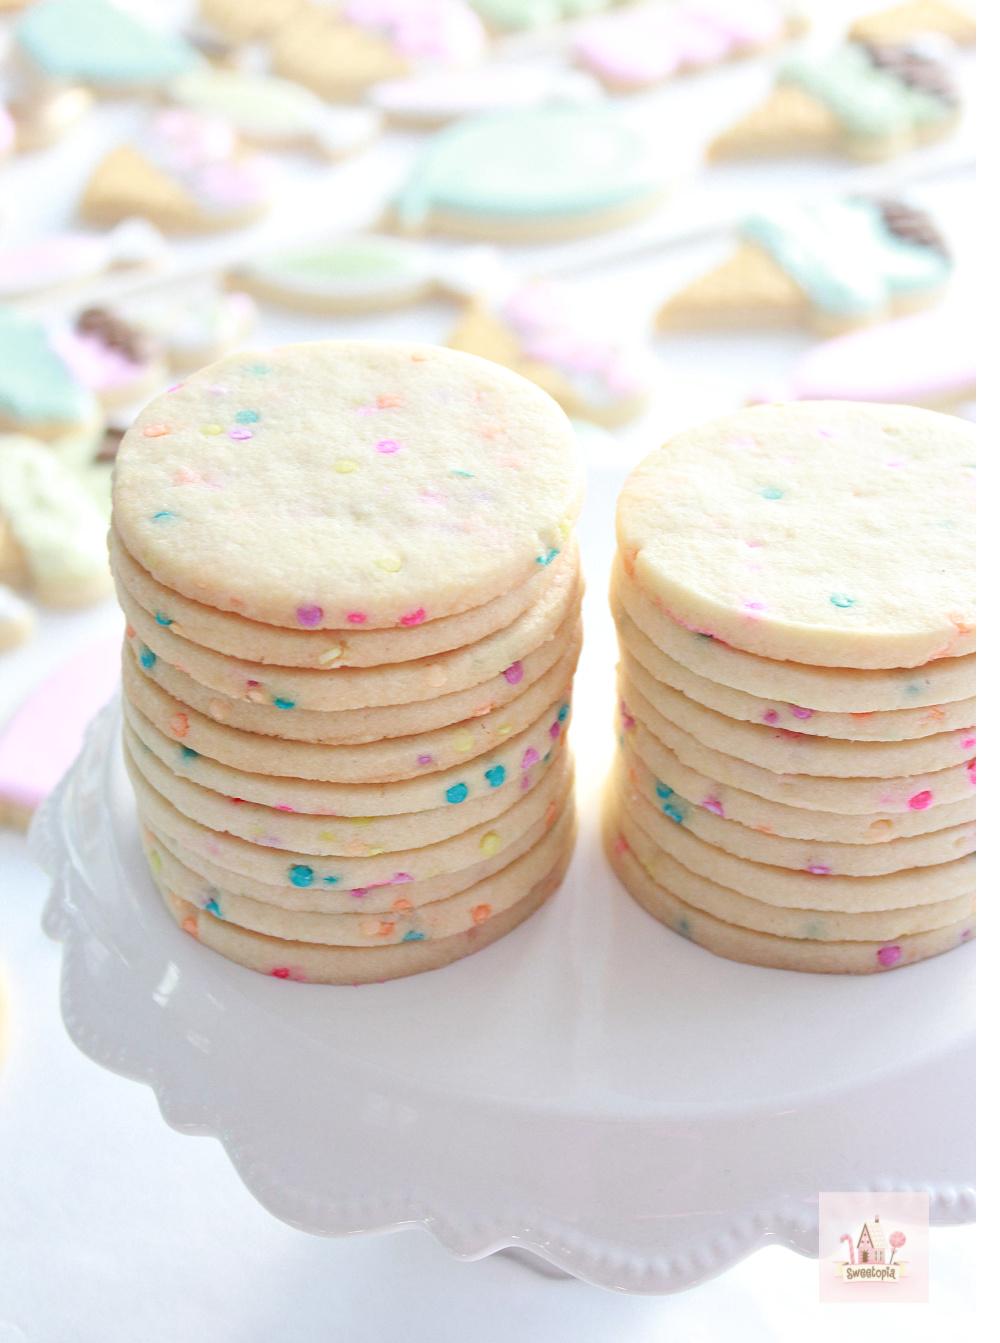 Confetti Cut Out Sugar Cookie Recipe